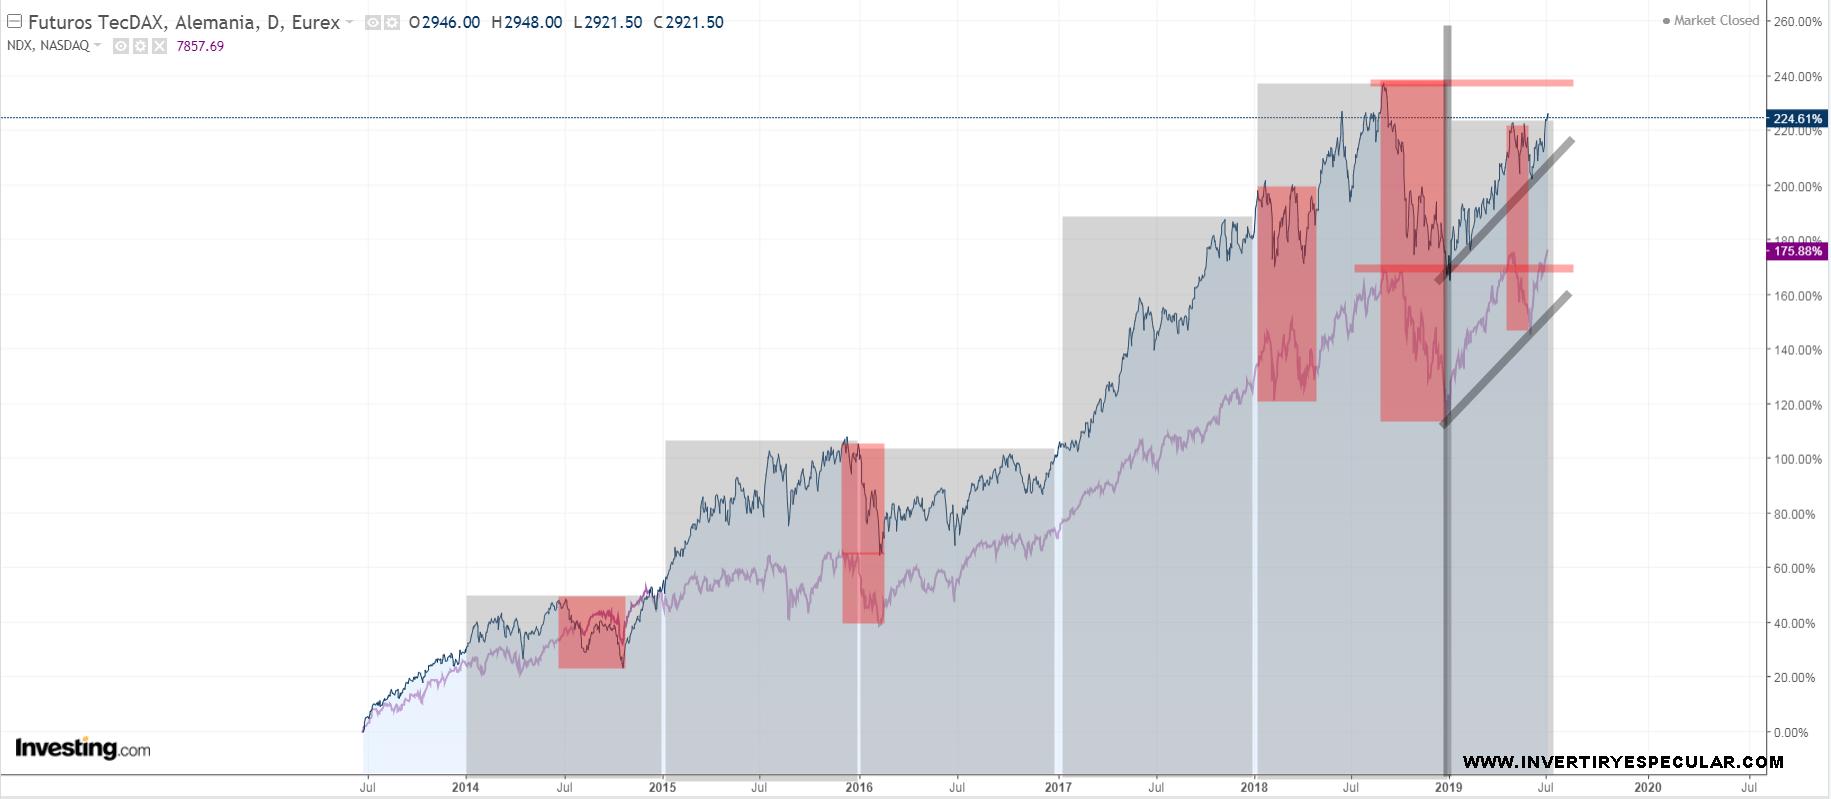 Paradójico pero cierto : TECDAX mejor que  NASDAQ 100